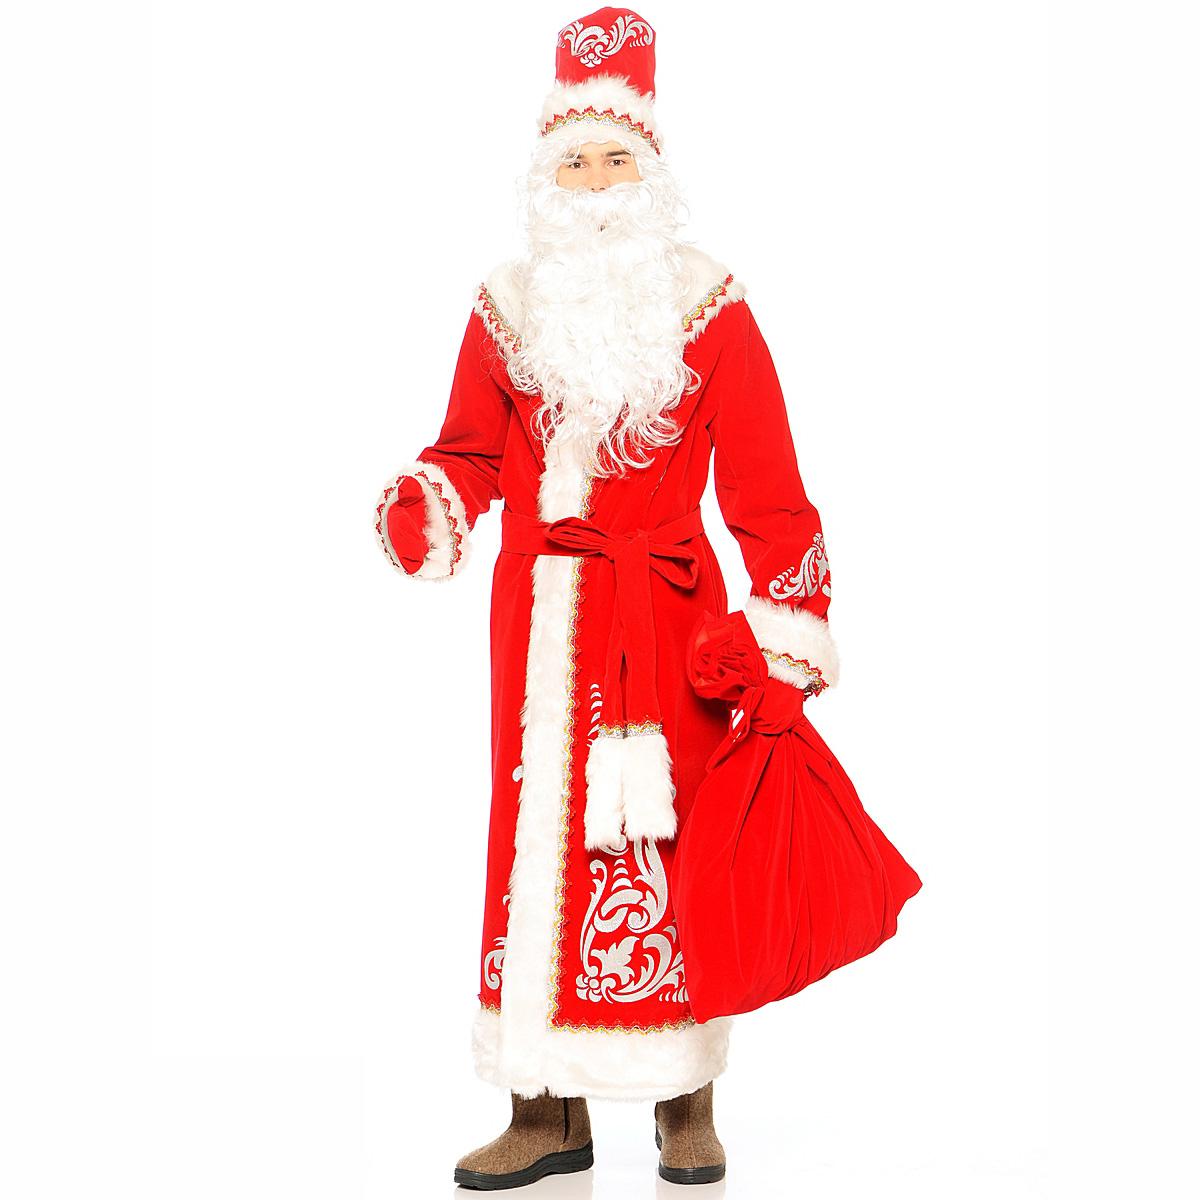 Костюм карнавальный взрослый - Дед Мороз с аппликациями, красный, размер 54-56Карнавальные костюмы<br>Костюм карнавальный взрослый - Дед Мороз с аппликациями, красный, размер 54-56<br>